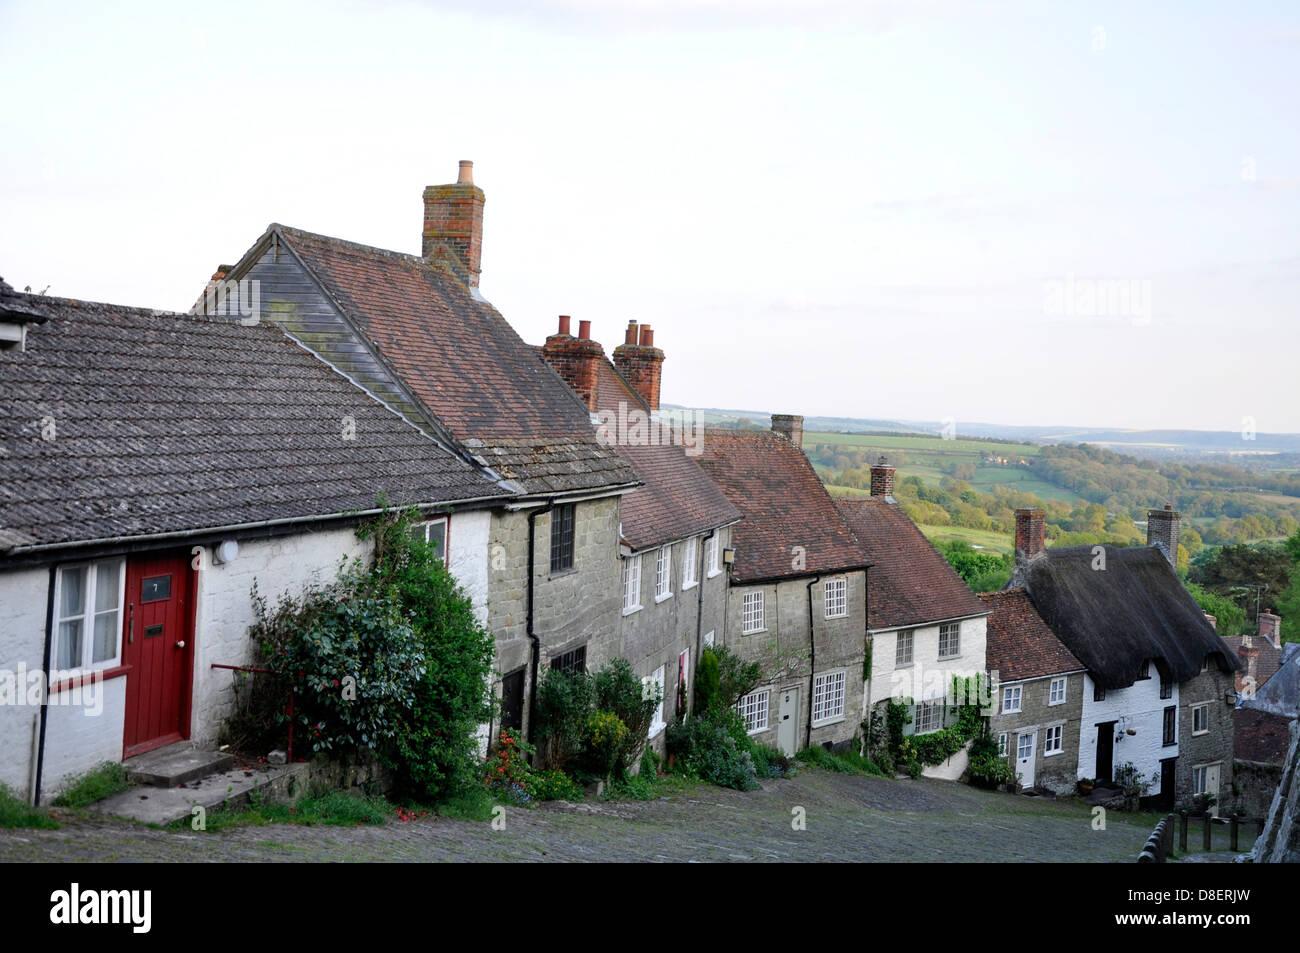 Gold Hill, Shaftesbury, Dorset, England, United Kingdom - Stock Image